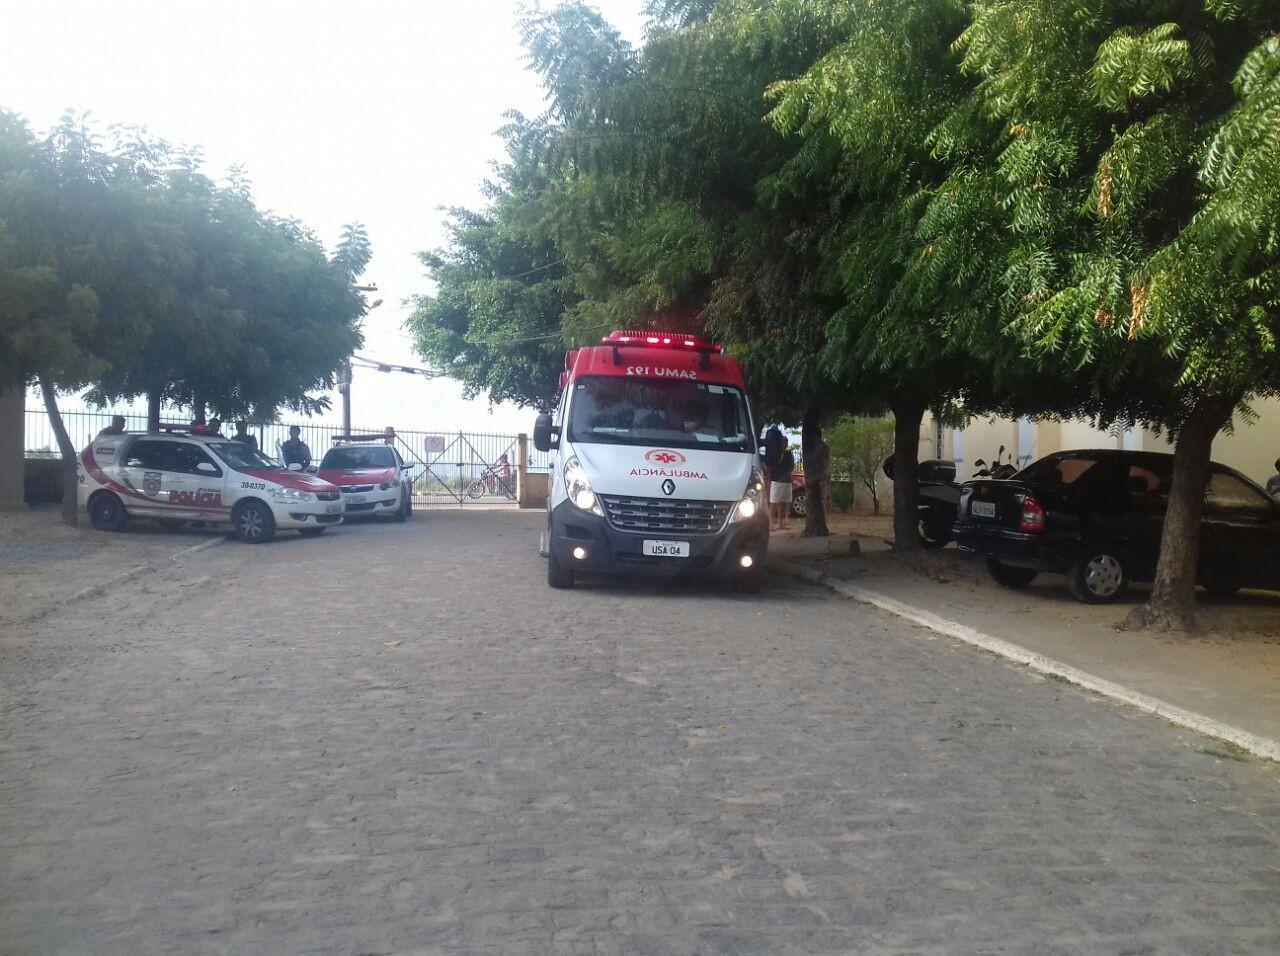 Corregedoria da Polícia Militar investiga policial suspeito de atirar contra a esposa no São Jorge, Maceió